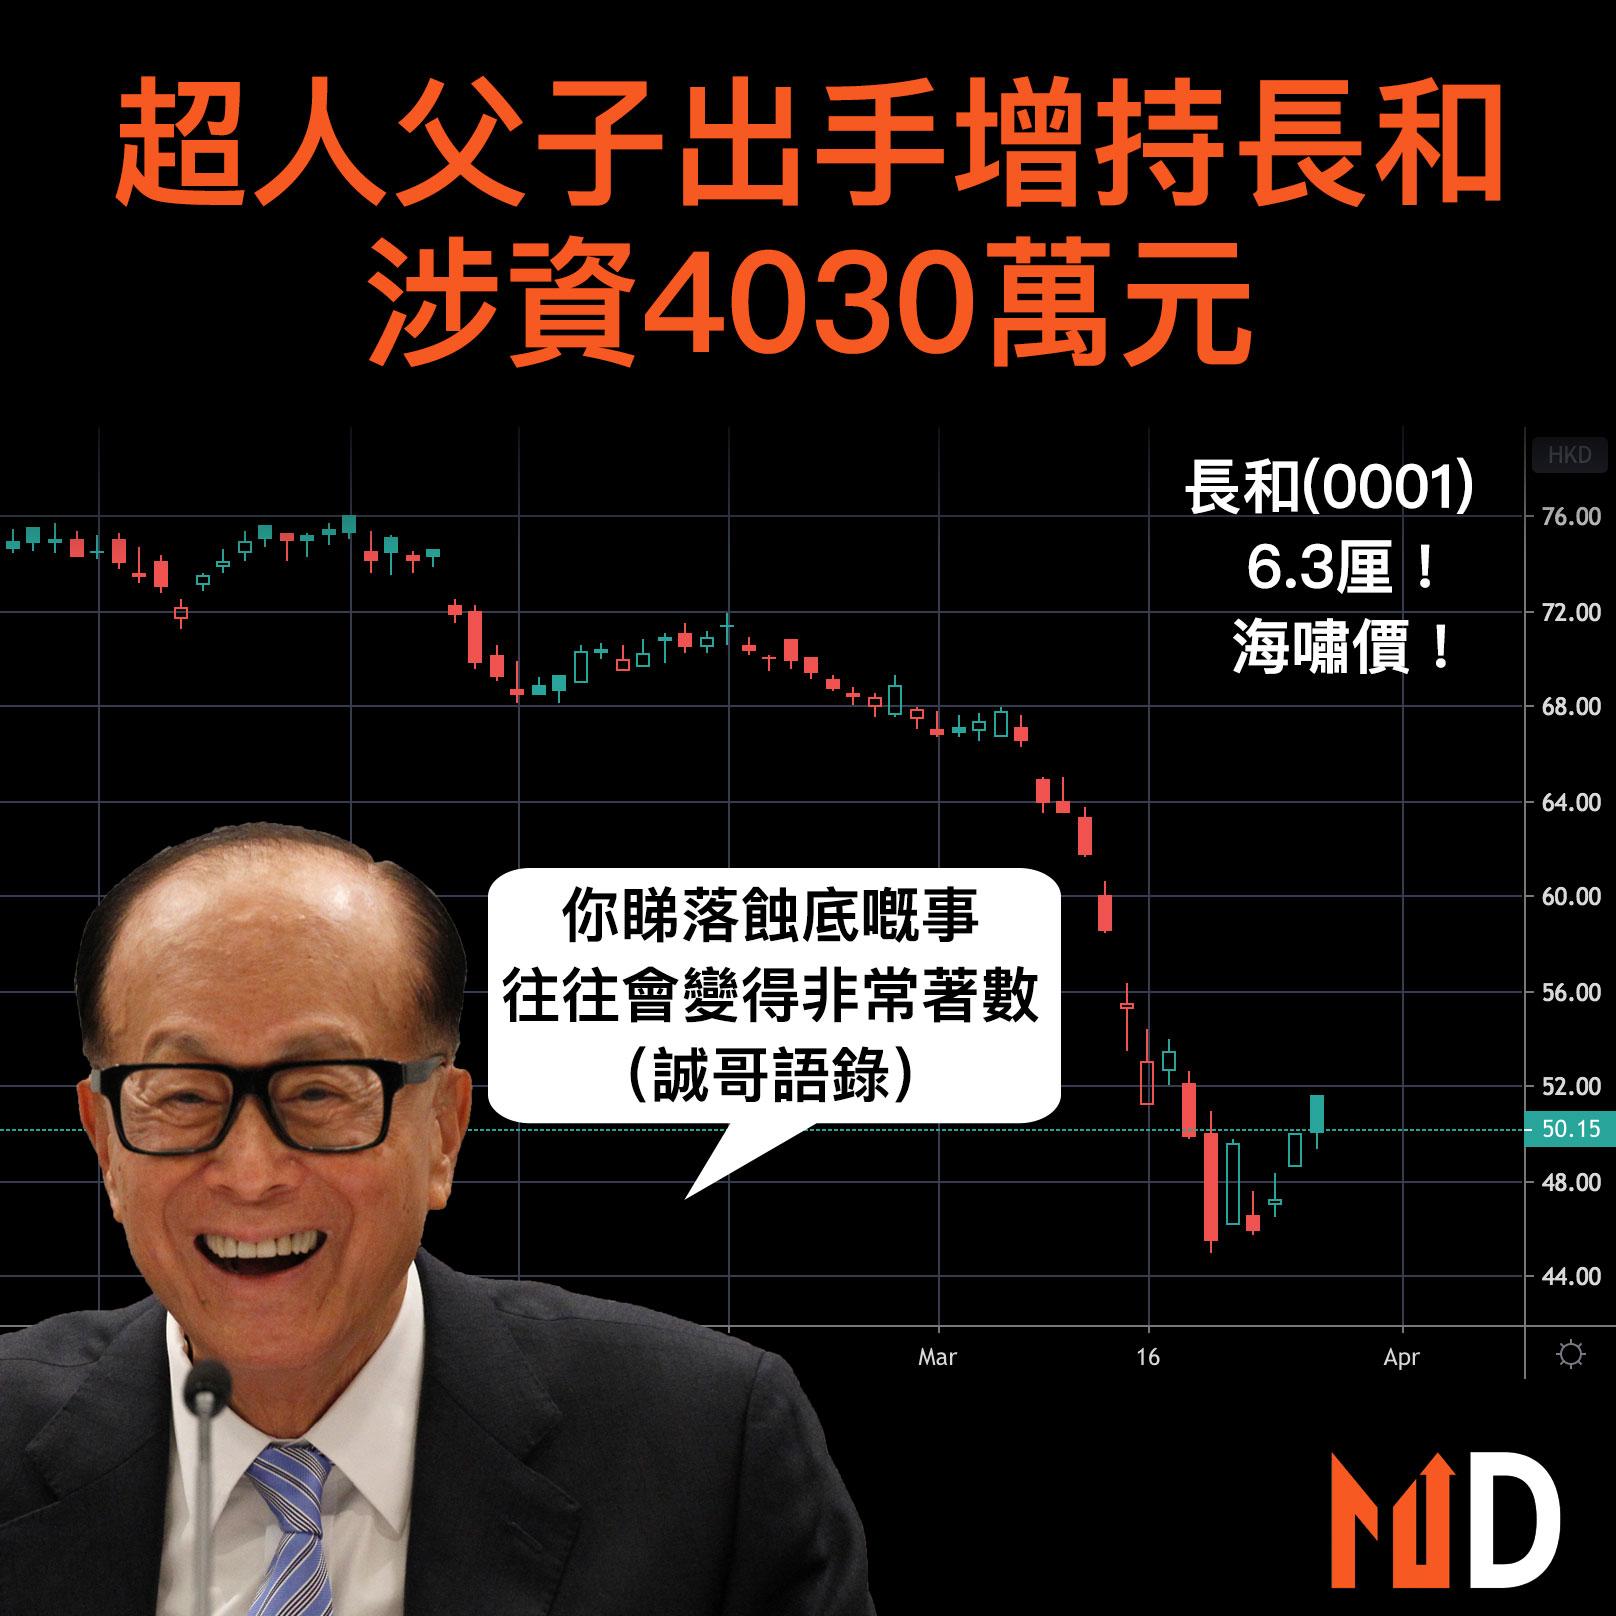 【市場熱話】超人父子出手增持長和!涉資4030萬元